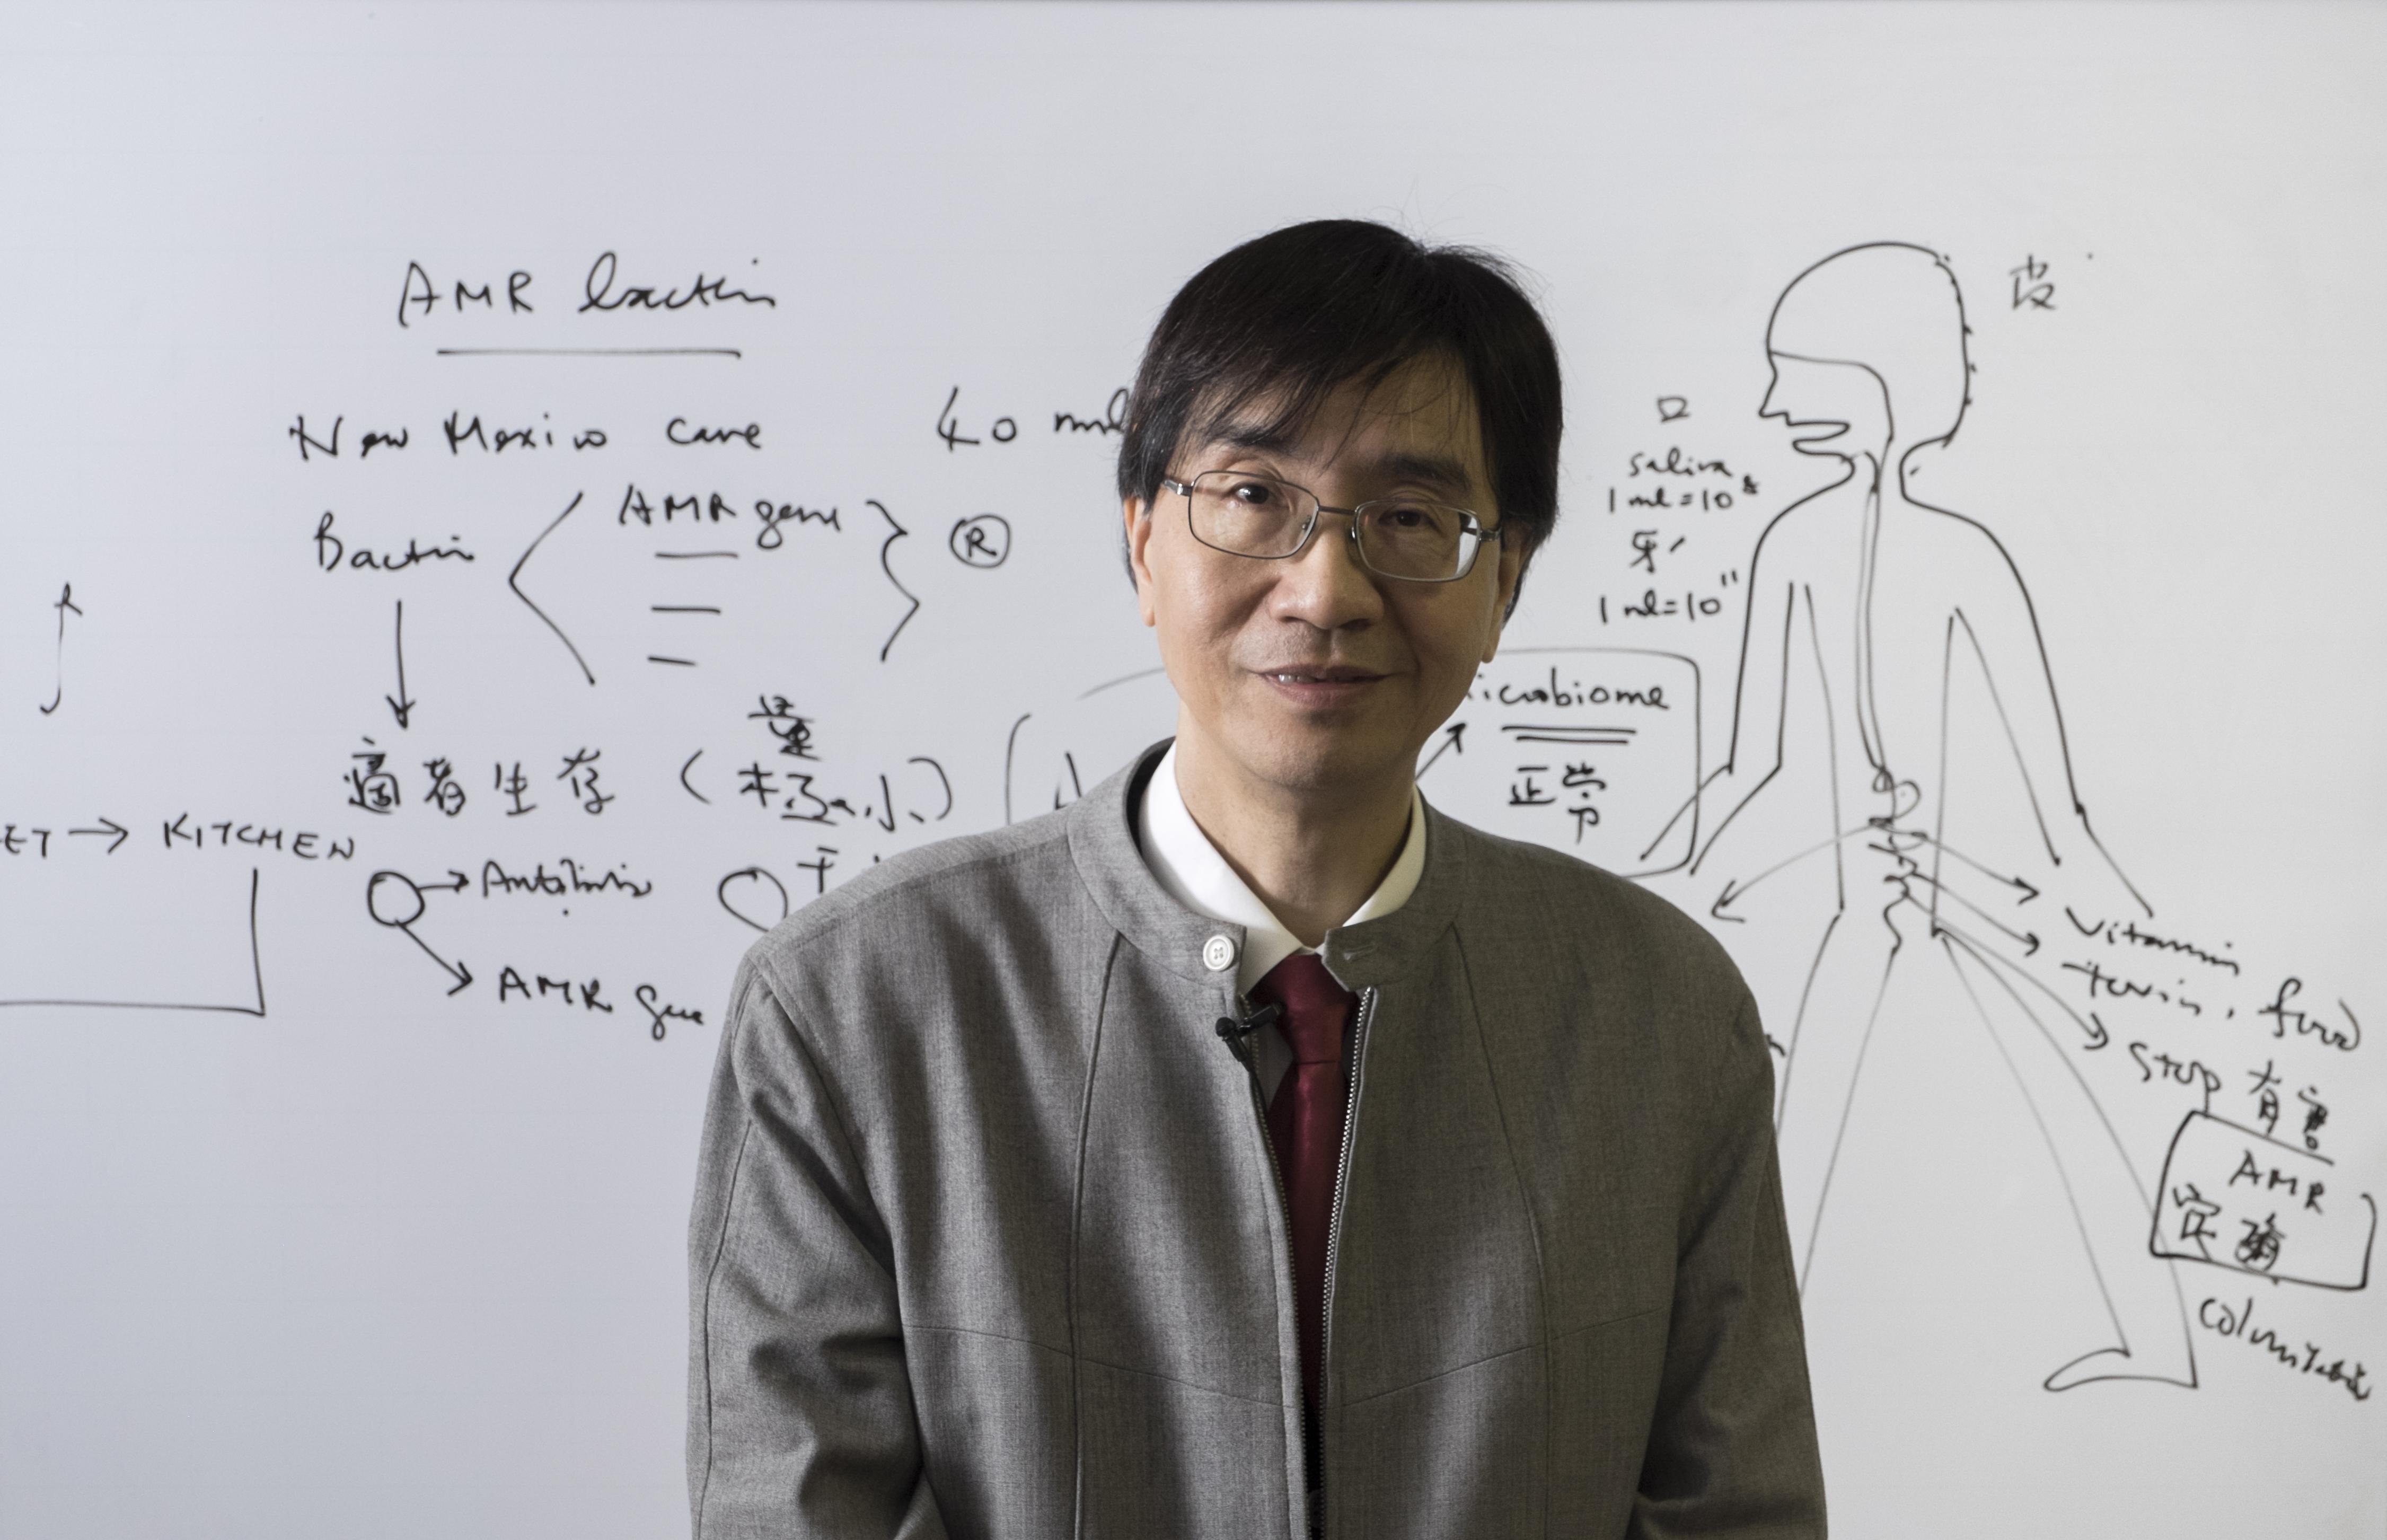 袁國勇教授說,造成抗藥性問題嚴重的罪魁禍首,不單是醫生或農民,而是我們每一個人。